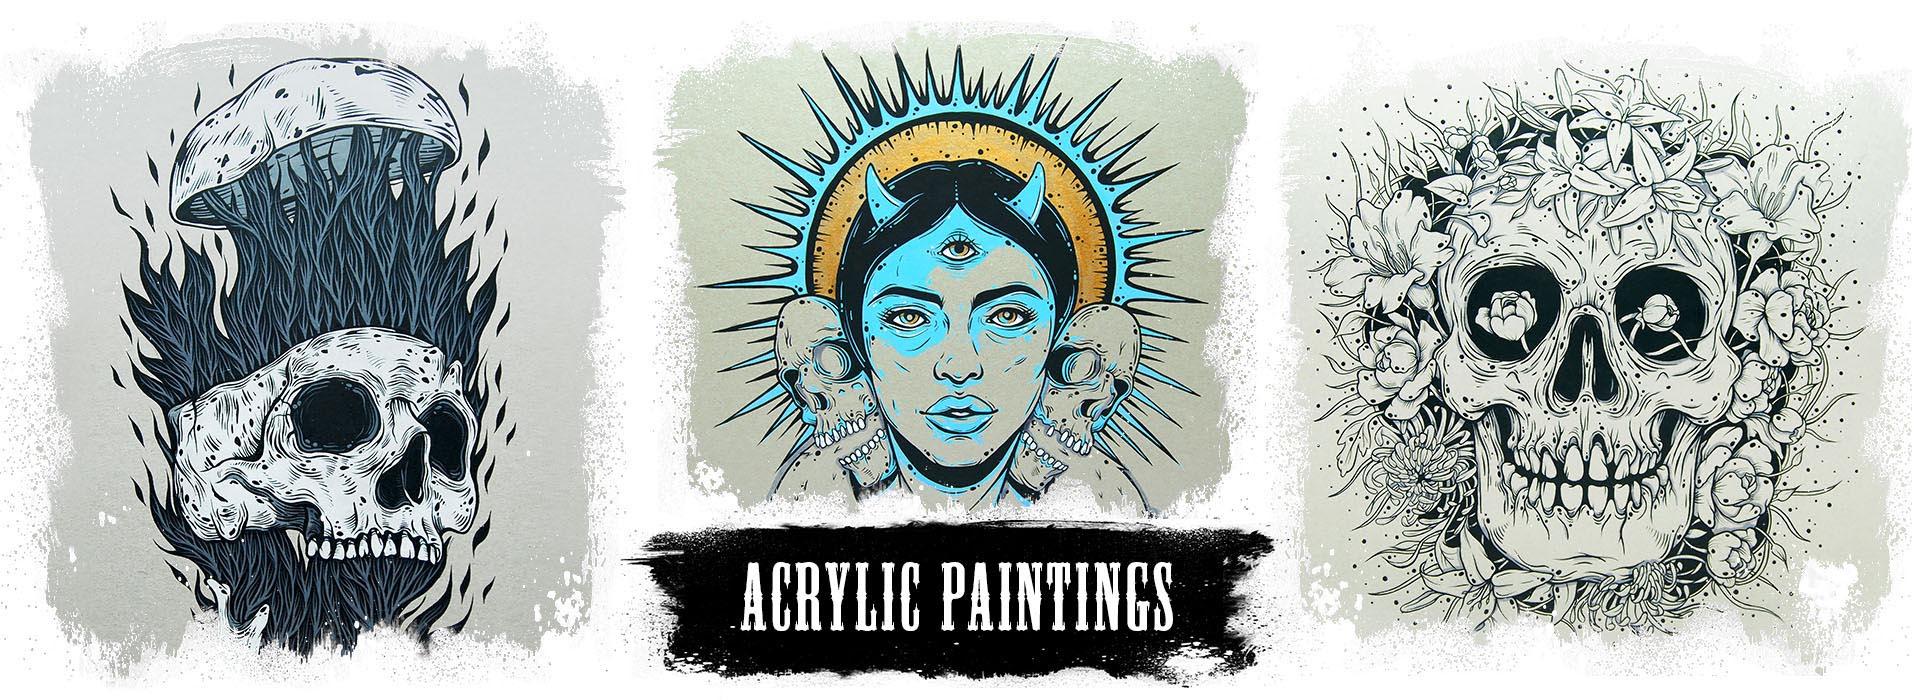 Picturi acrilic Creeps